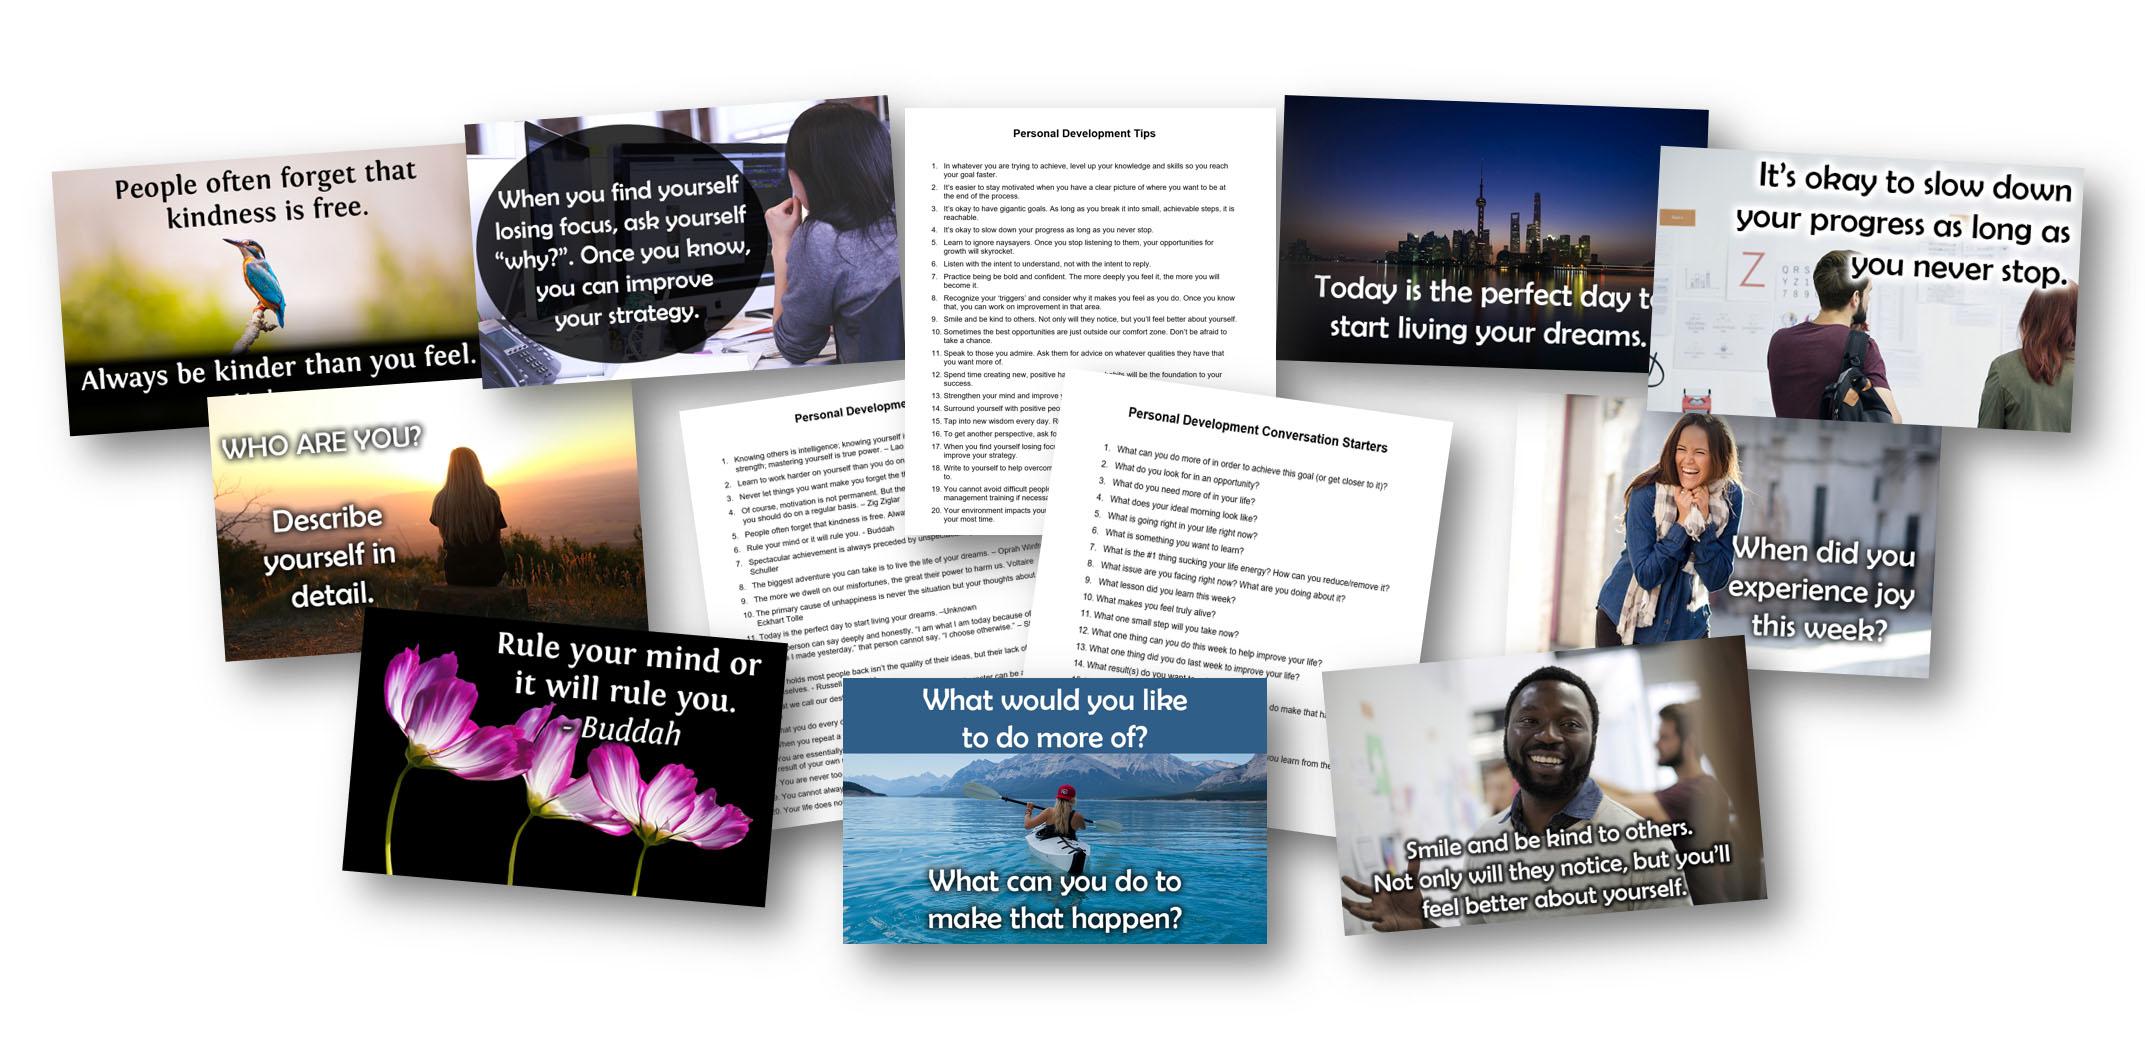 Social Media Personal Development Content